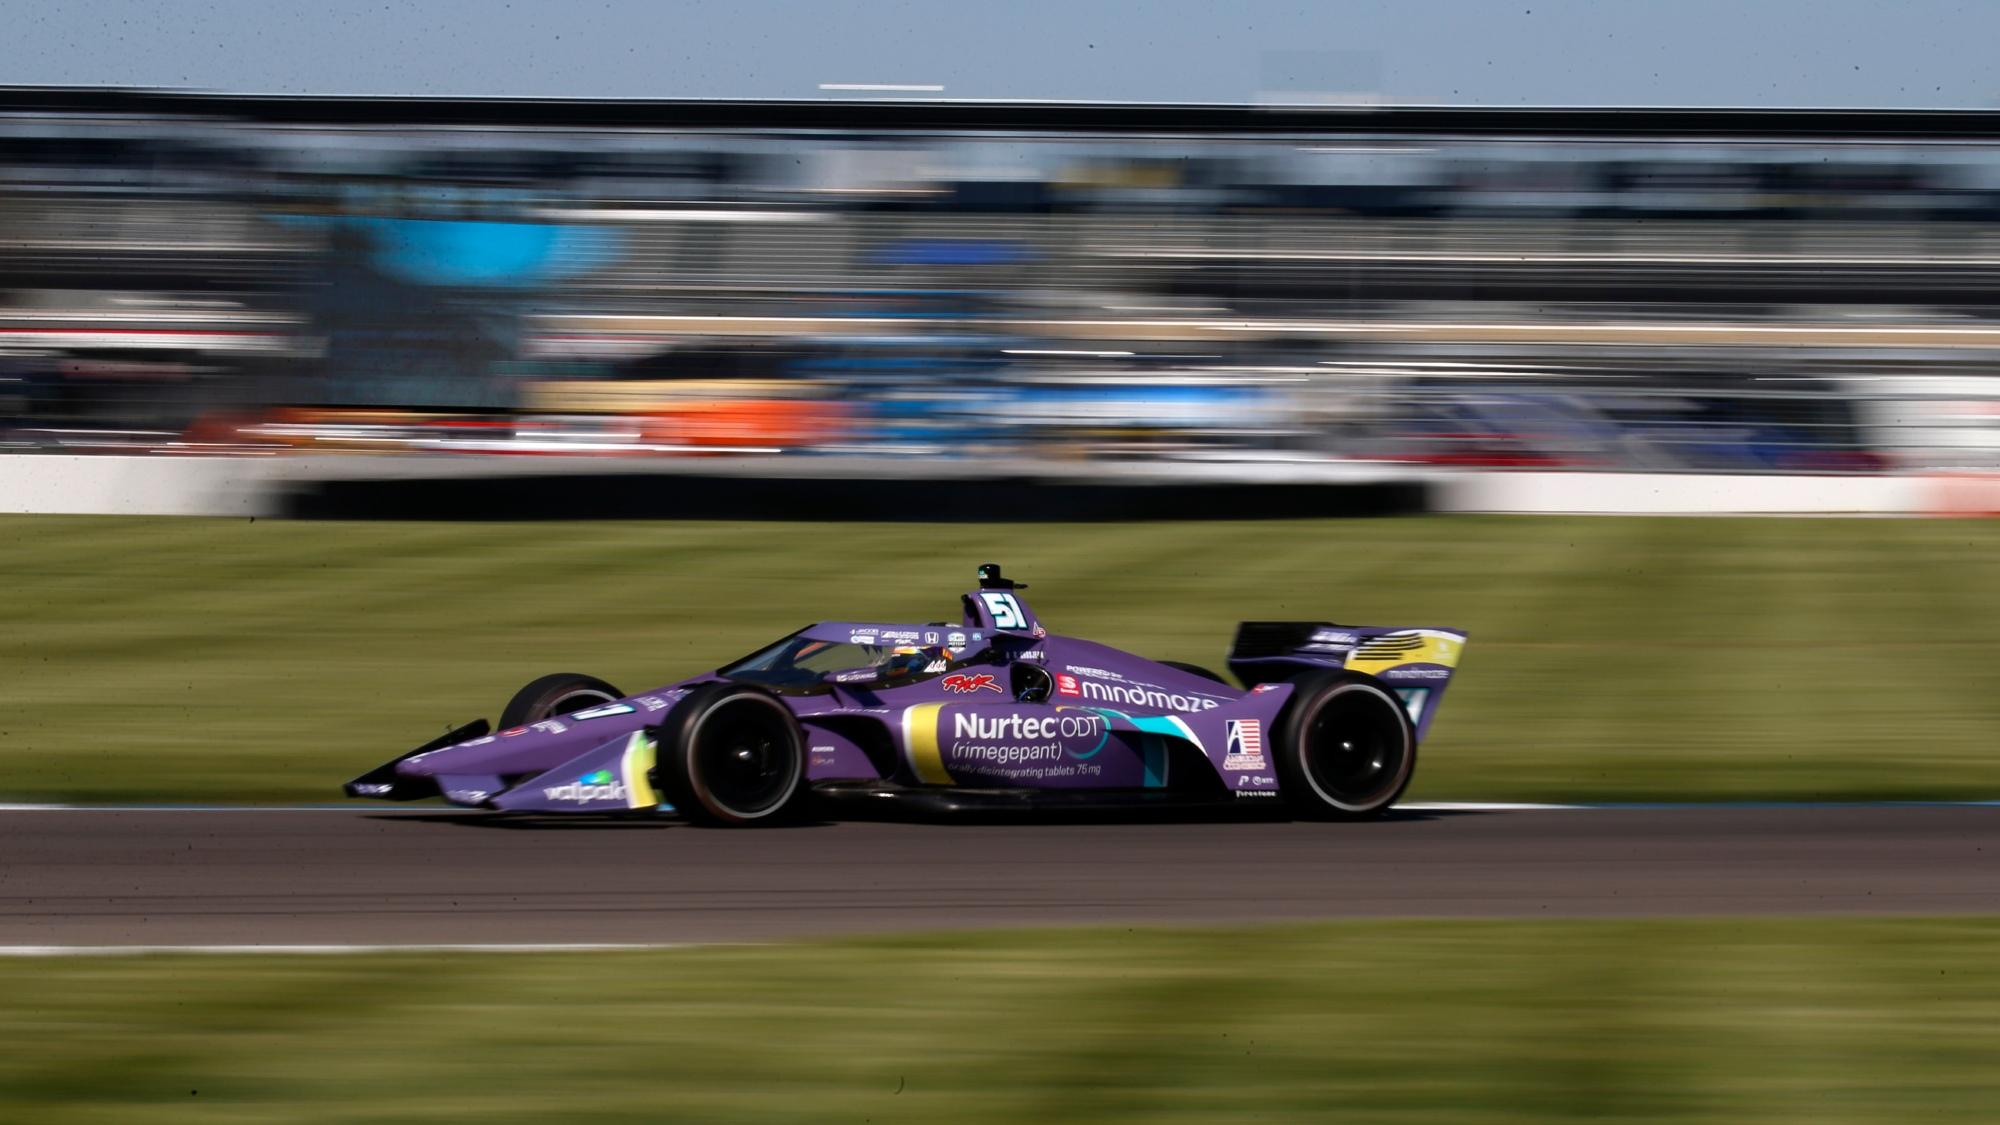 Romain Grosjean, IndyGP 2021